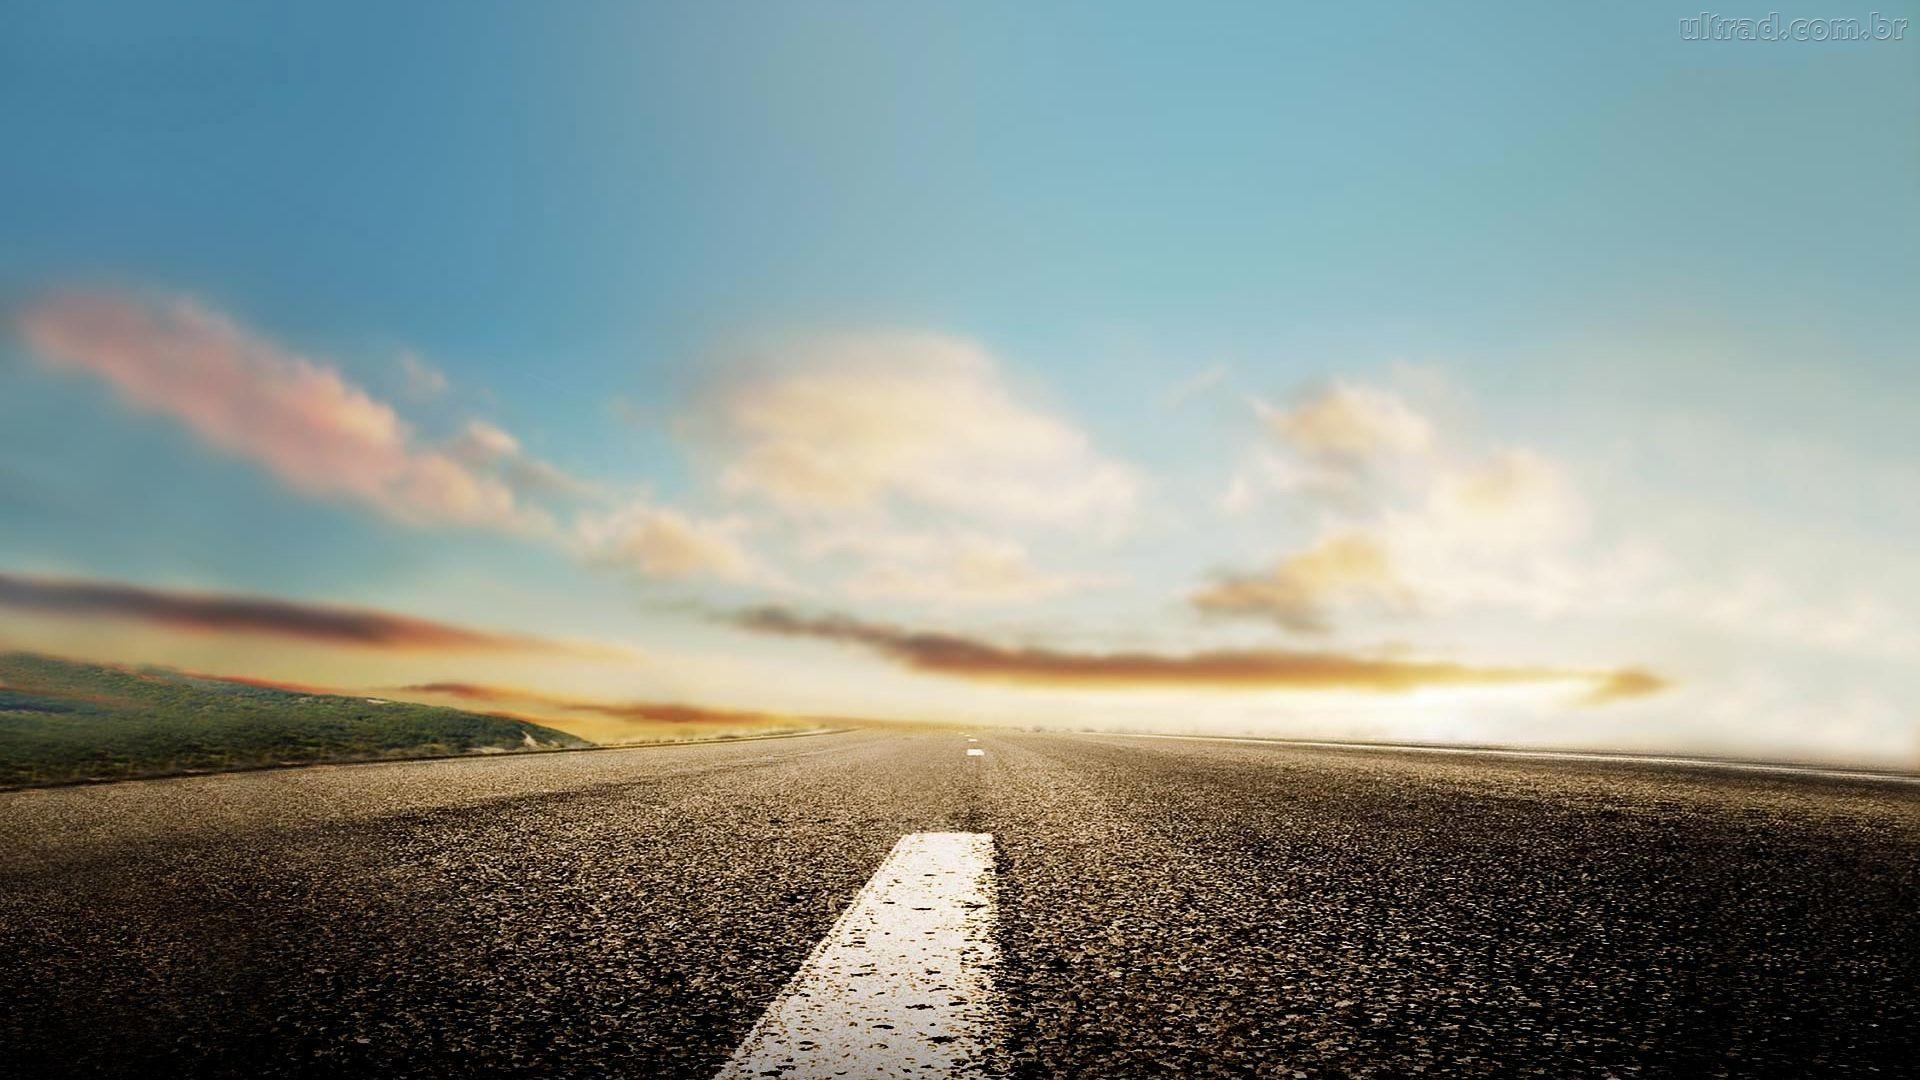 Pacote de 66 obras é lançado para estradas, pontes, trincheira e ciclovia